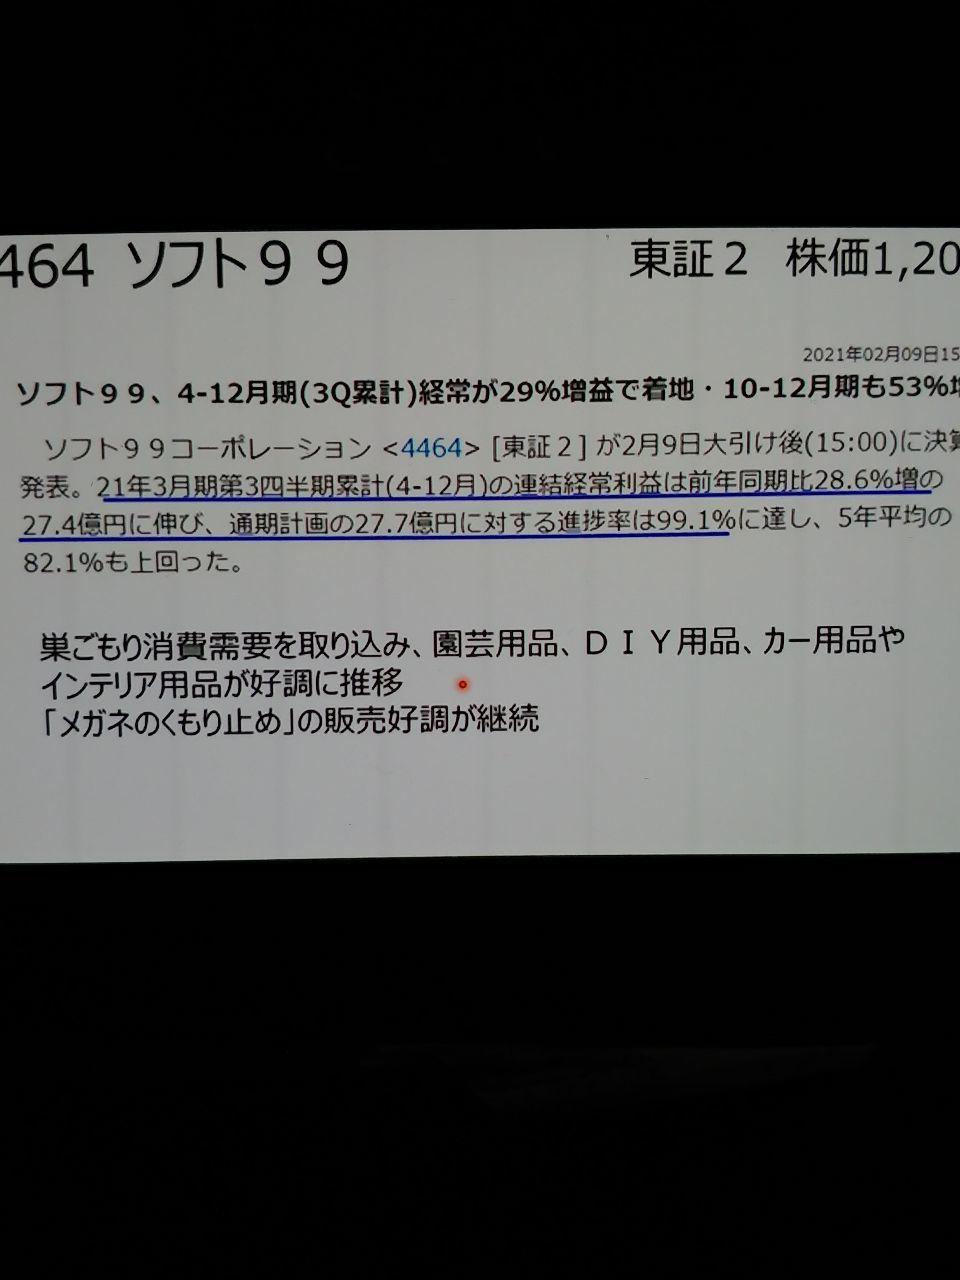 4464 - (株)ソフト99コーポレーション おはようございます🥰✌️ 顧問さんも推奨🎈 コロナ禍でよく頑張りました。人気が出るといいね💘 通期計